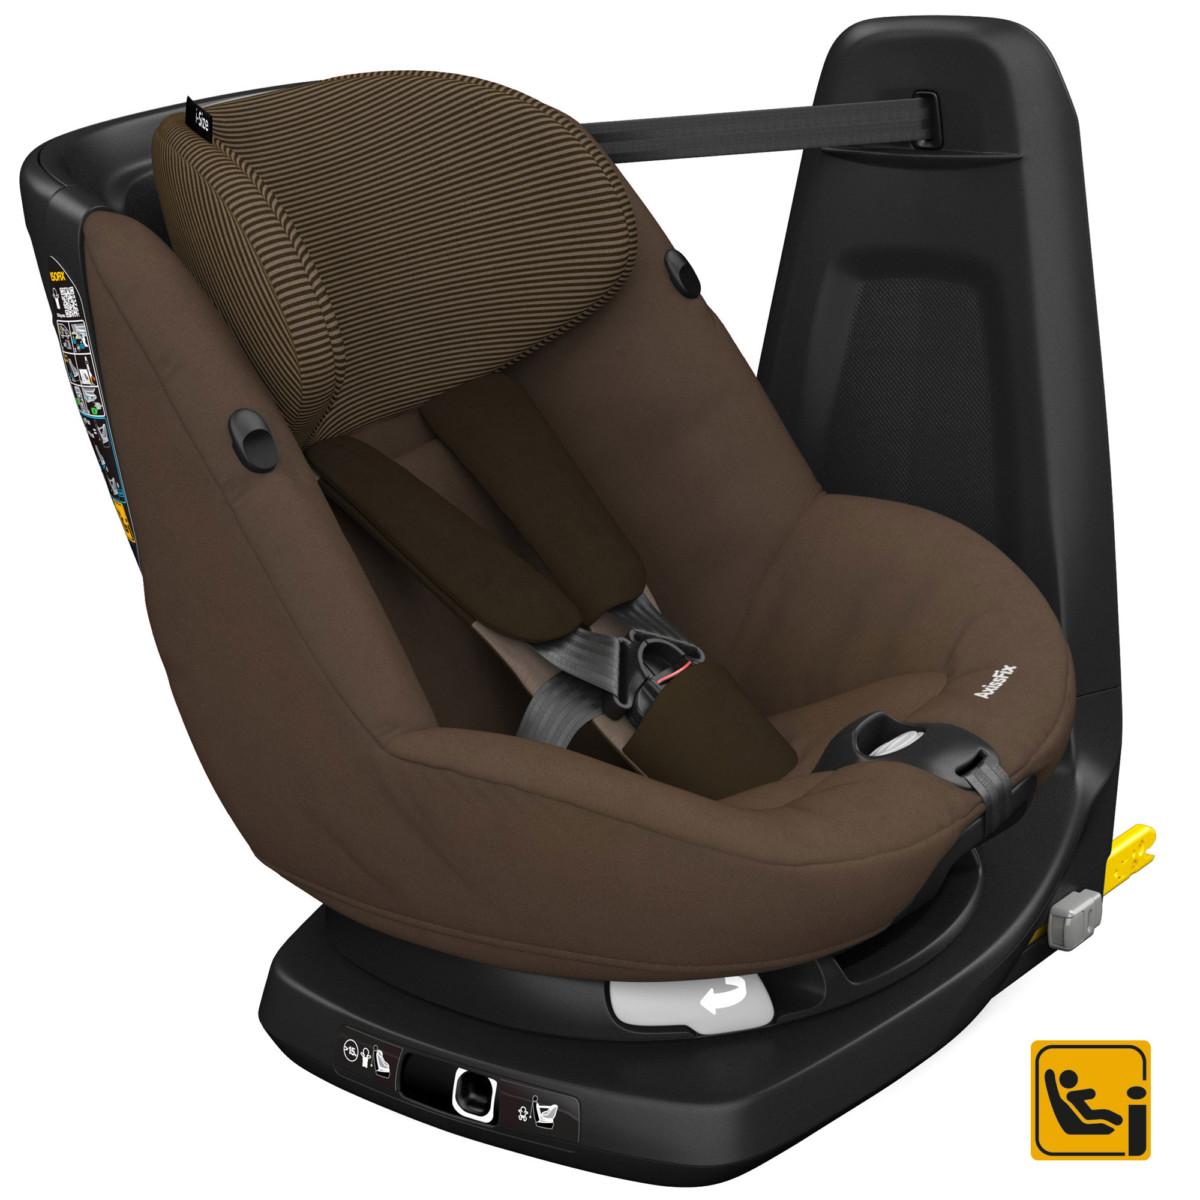 AxissFix Earth Brown de Bébé Confort, Siège auto Groupe 0+/1 (